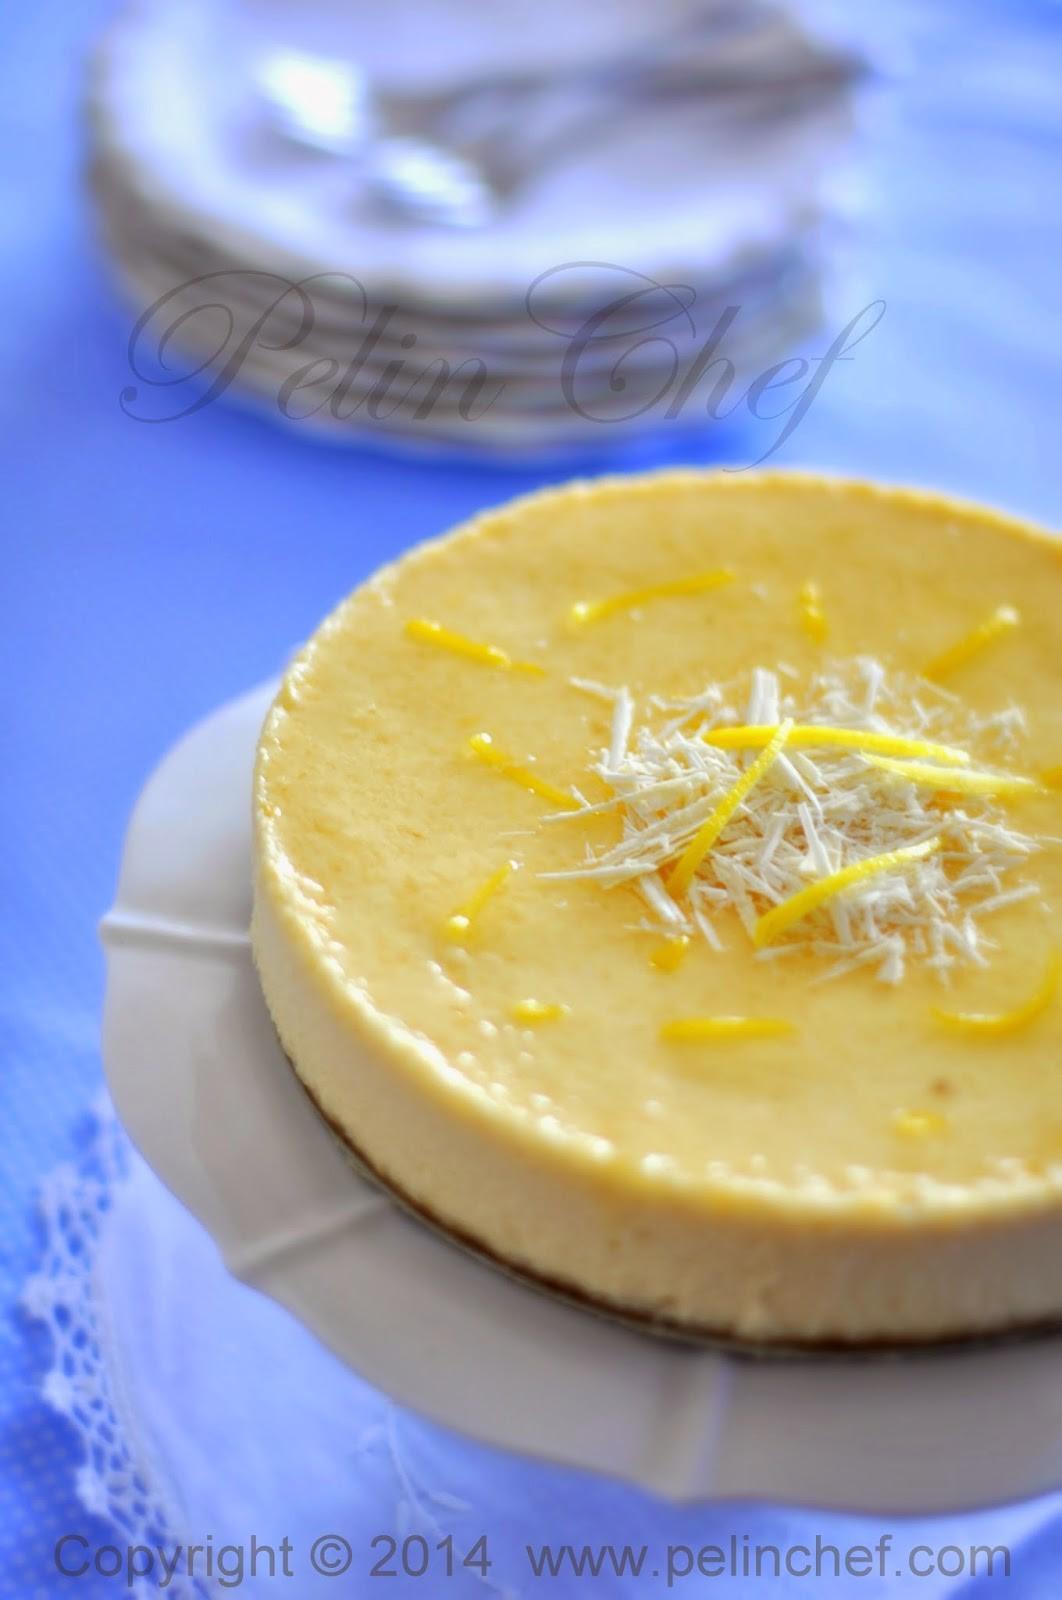 Beyaz Çikolatalı Limonlu Cheesecake